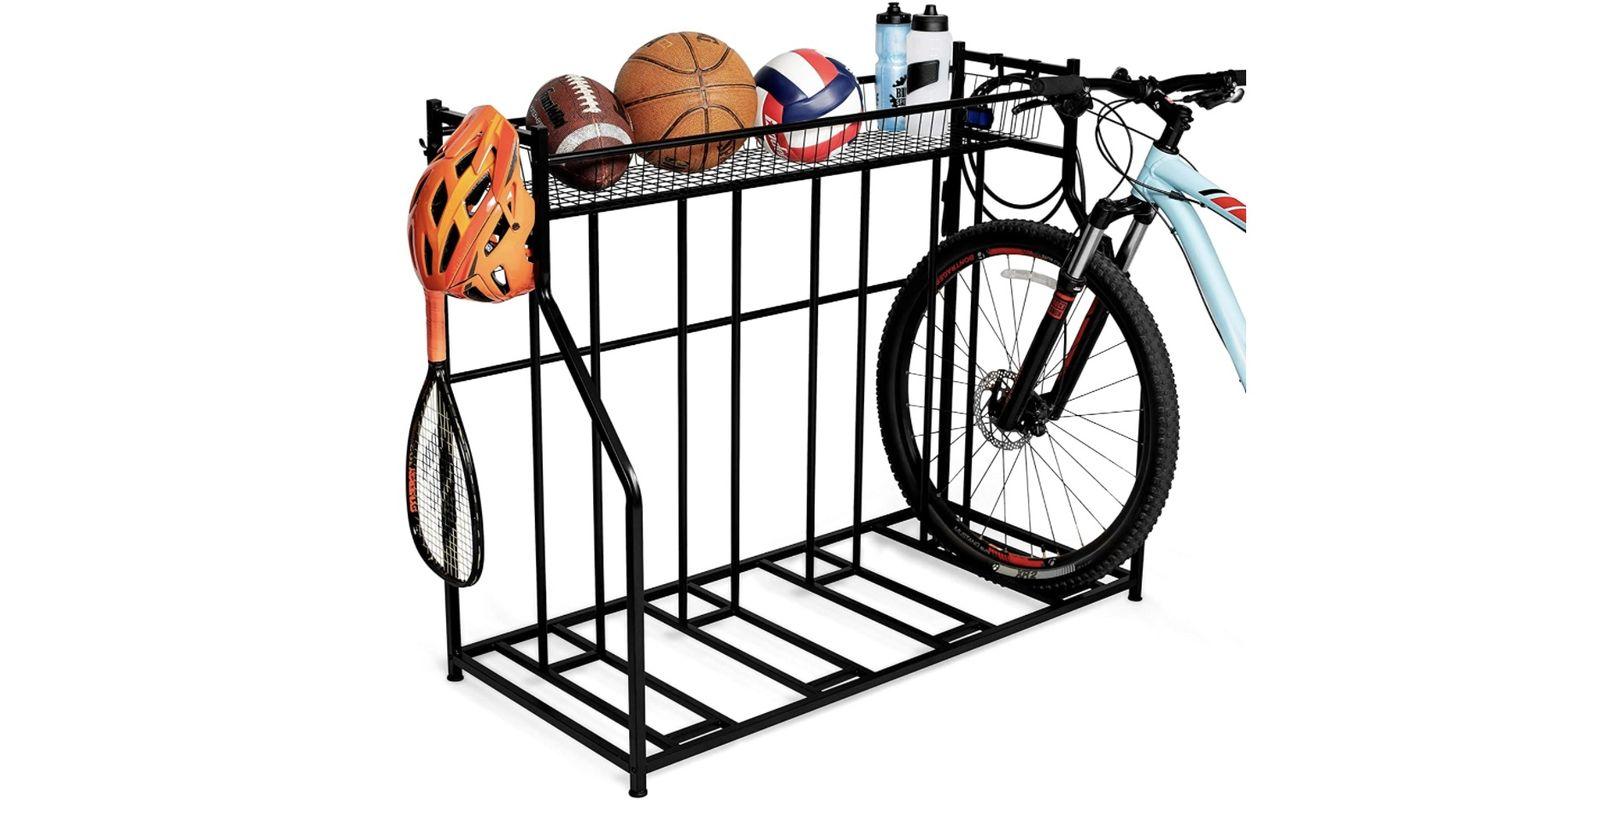 Birdrock 3-Bike Stand Rack with Storage - best bike storage